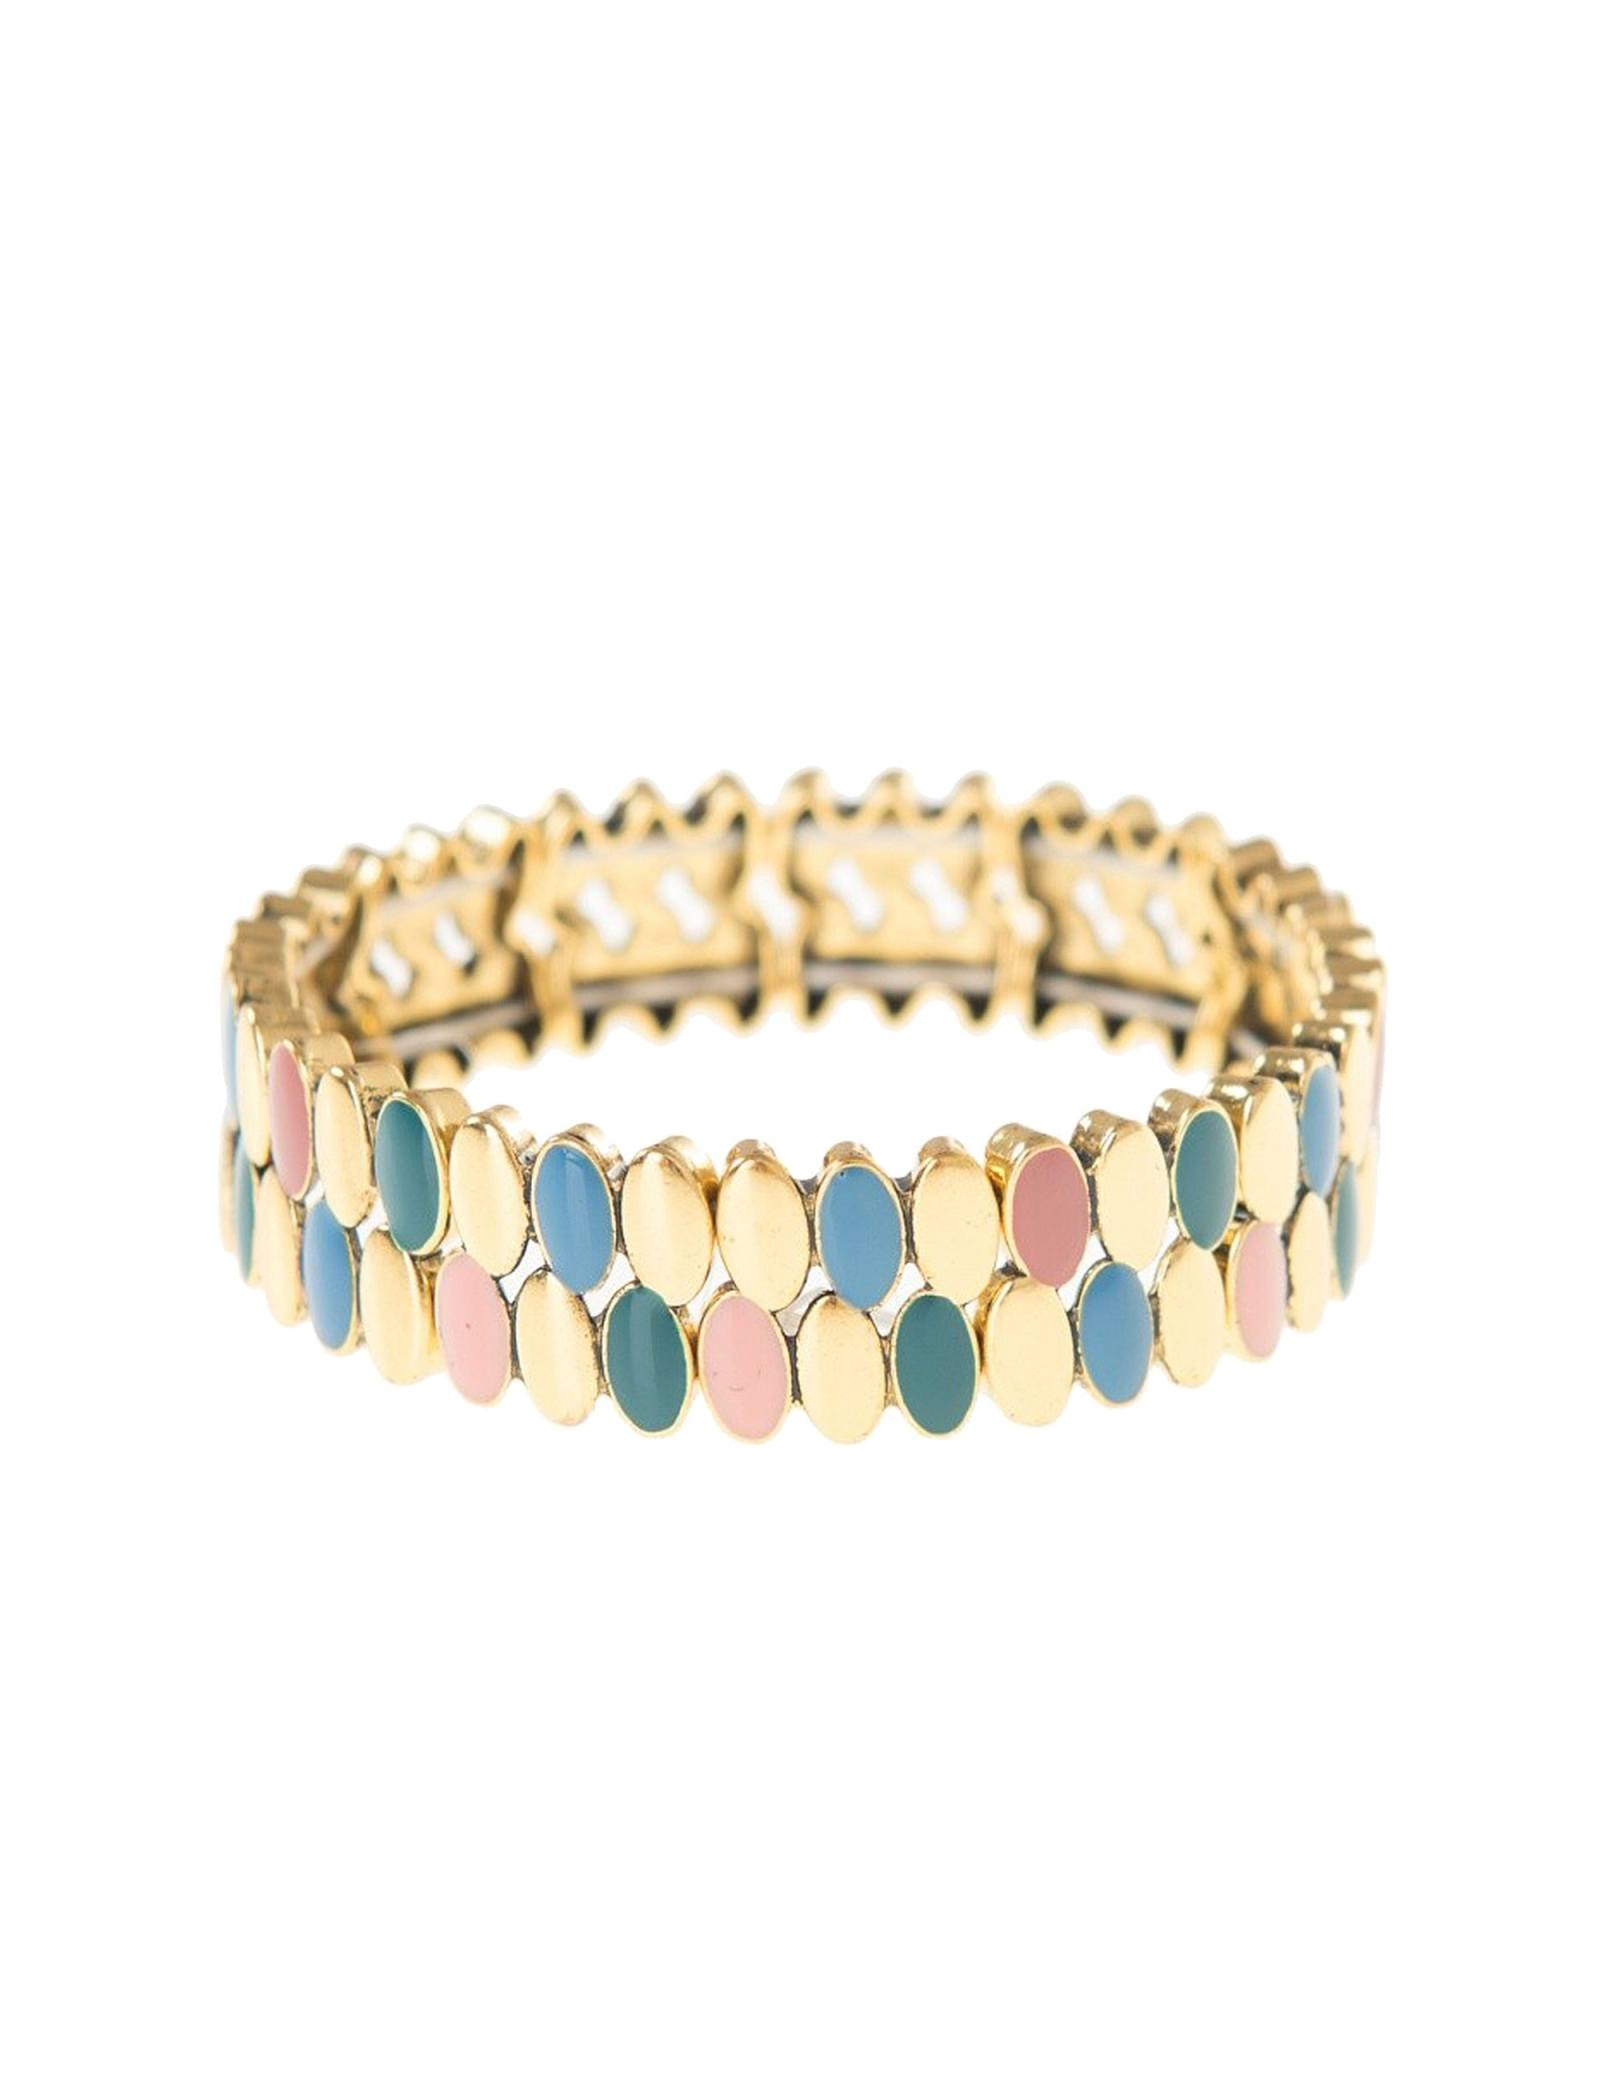 دستبند کشی زنانه - پارفوا -  - 1